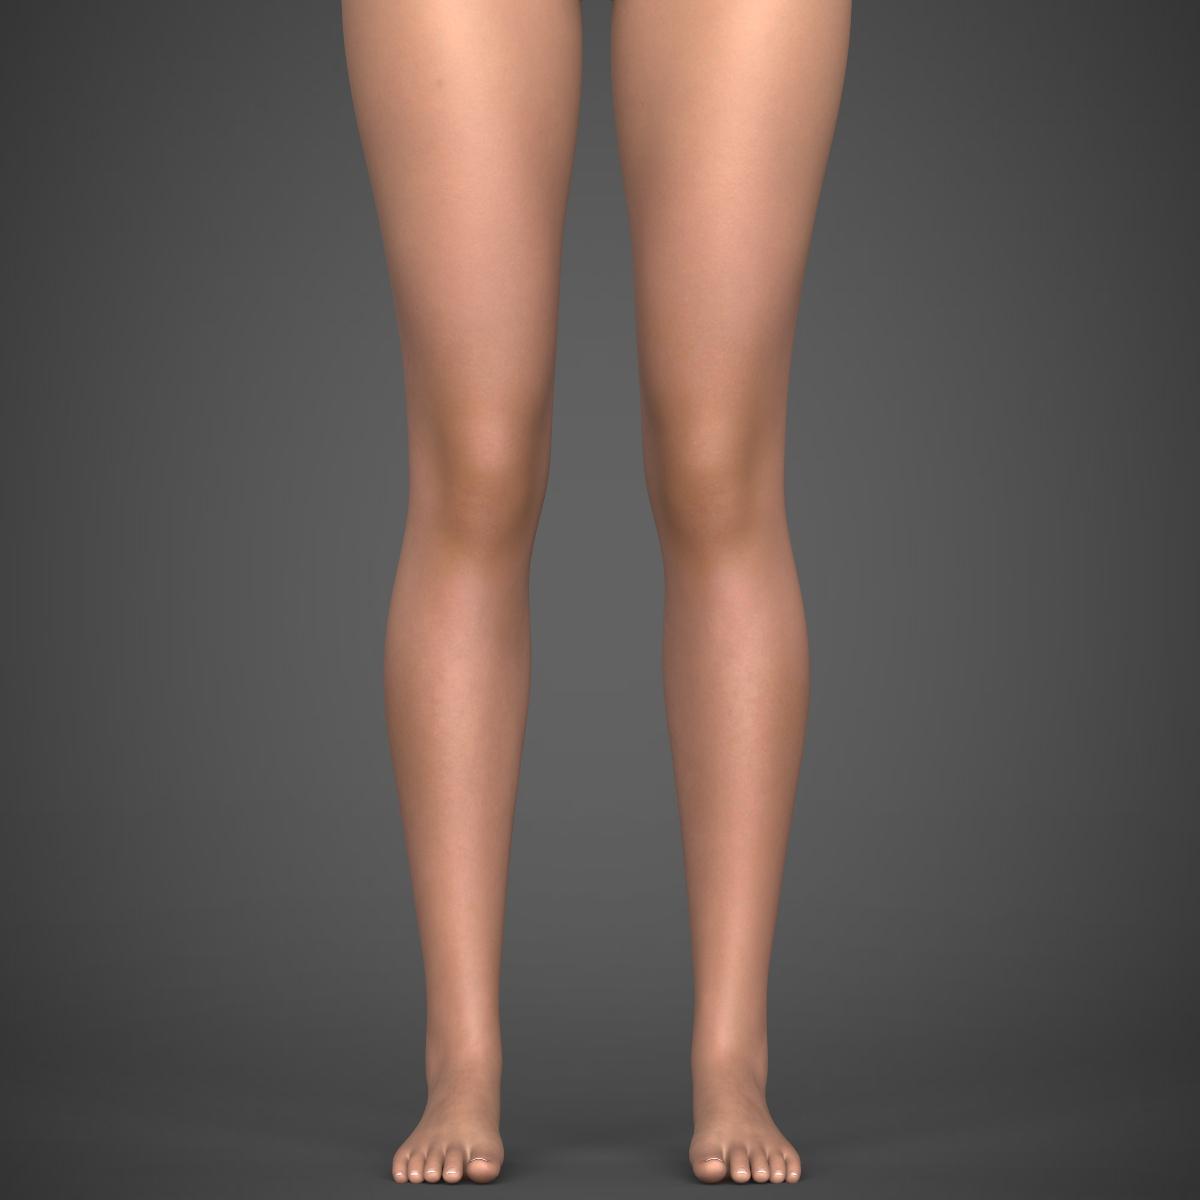 realistic young girl 3d model max fbx c4d ma mb texture obj 220925